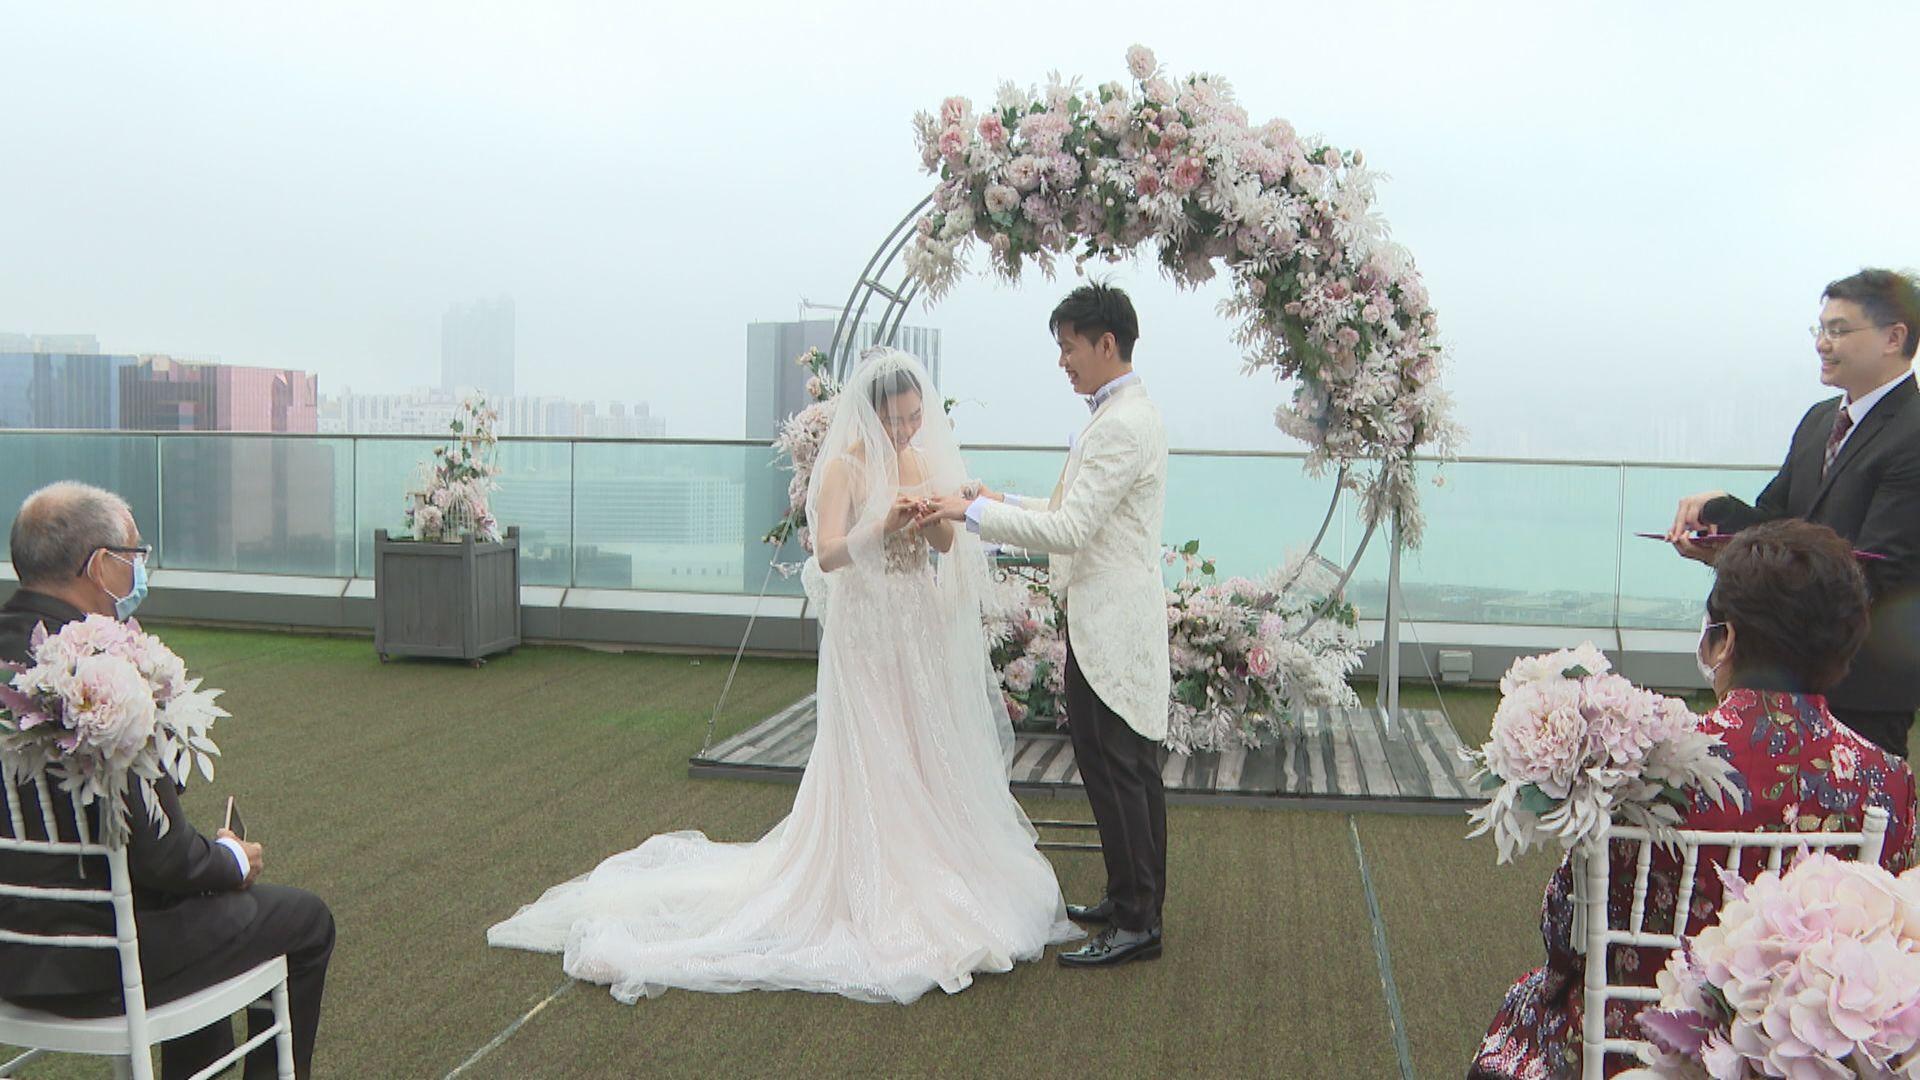 【疫情影響】婚宴延至傳統淡季 攝影室生意跌80%